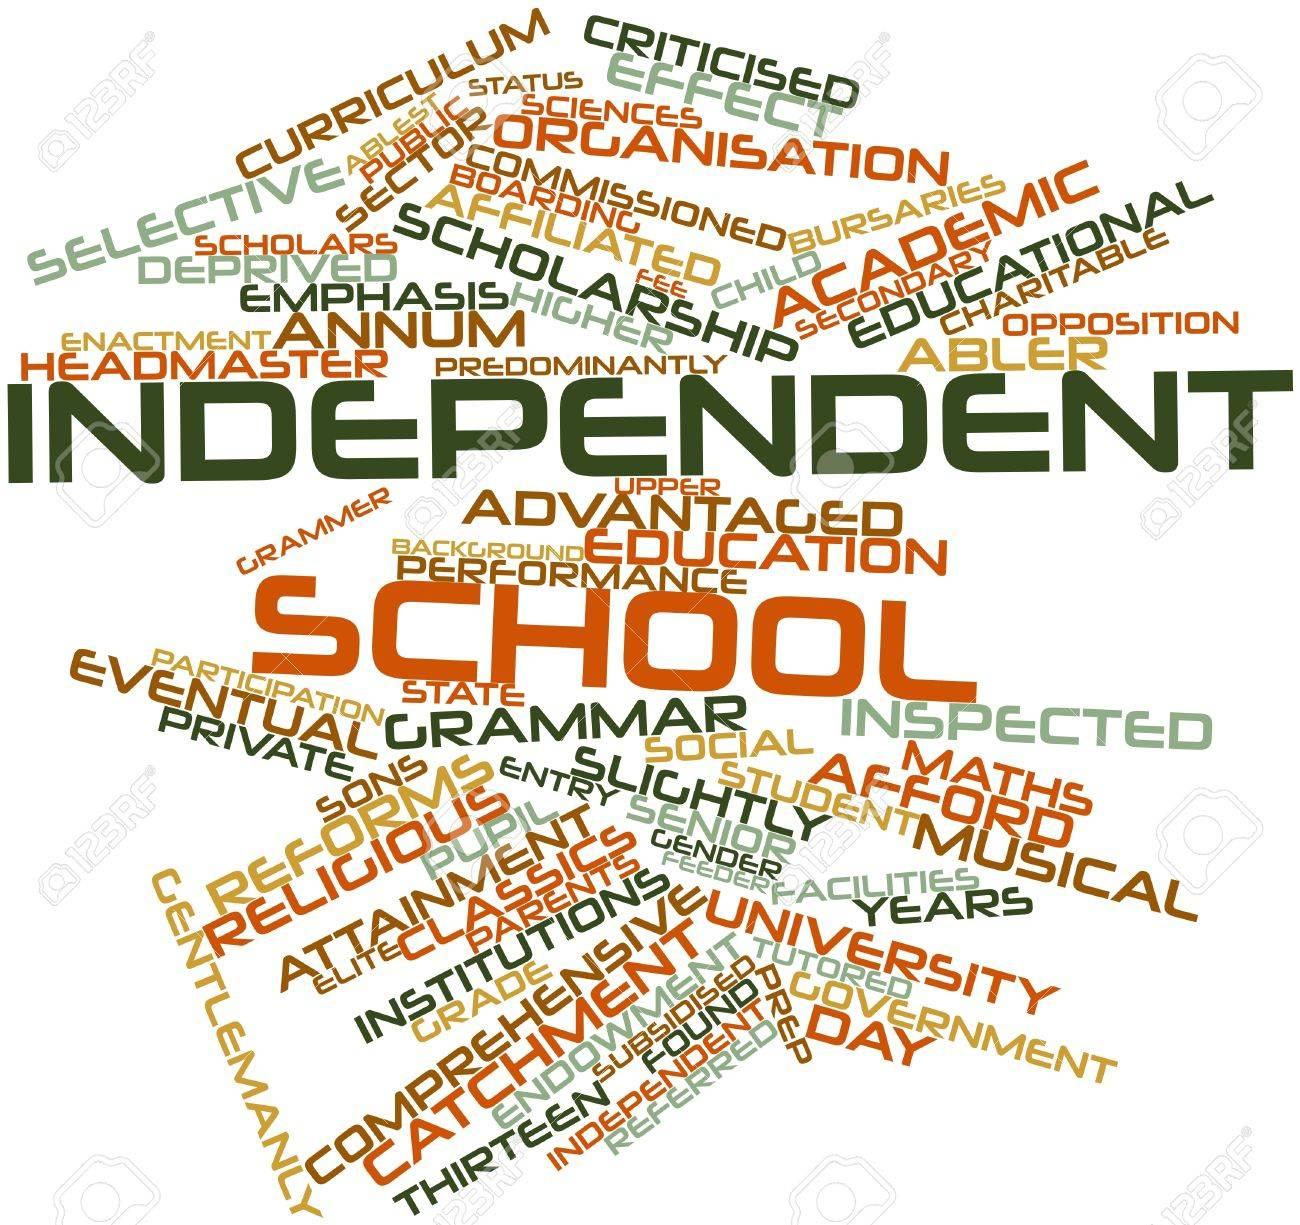 Les écoles indépendantes enrichissent le paysage éducatif